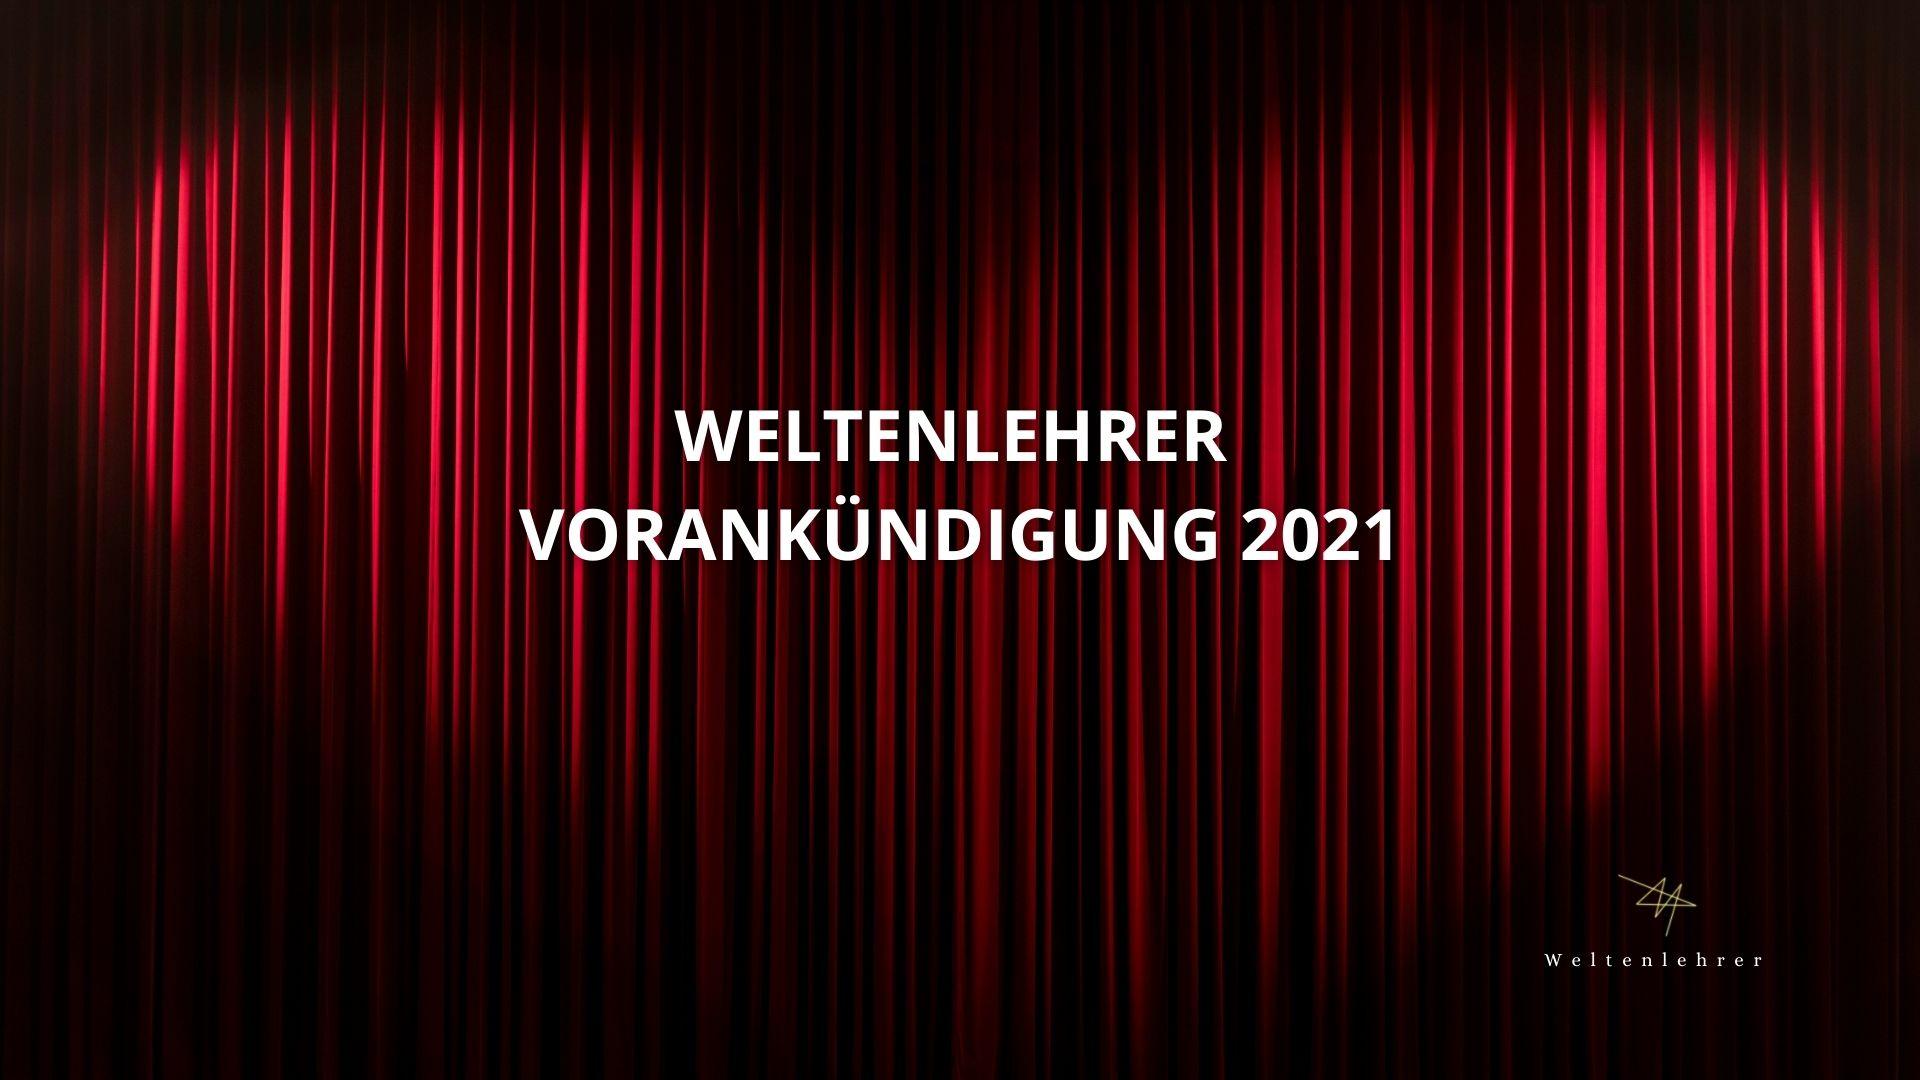 Weltenlehrer Vorankündigung 2021